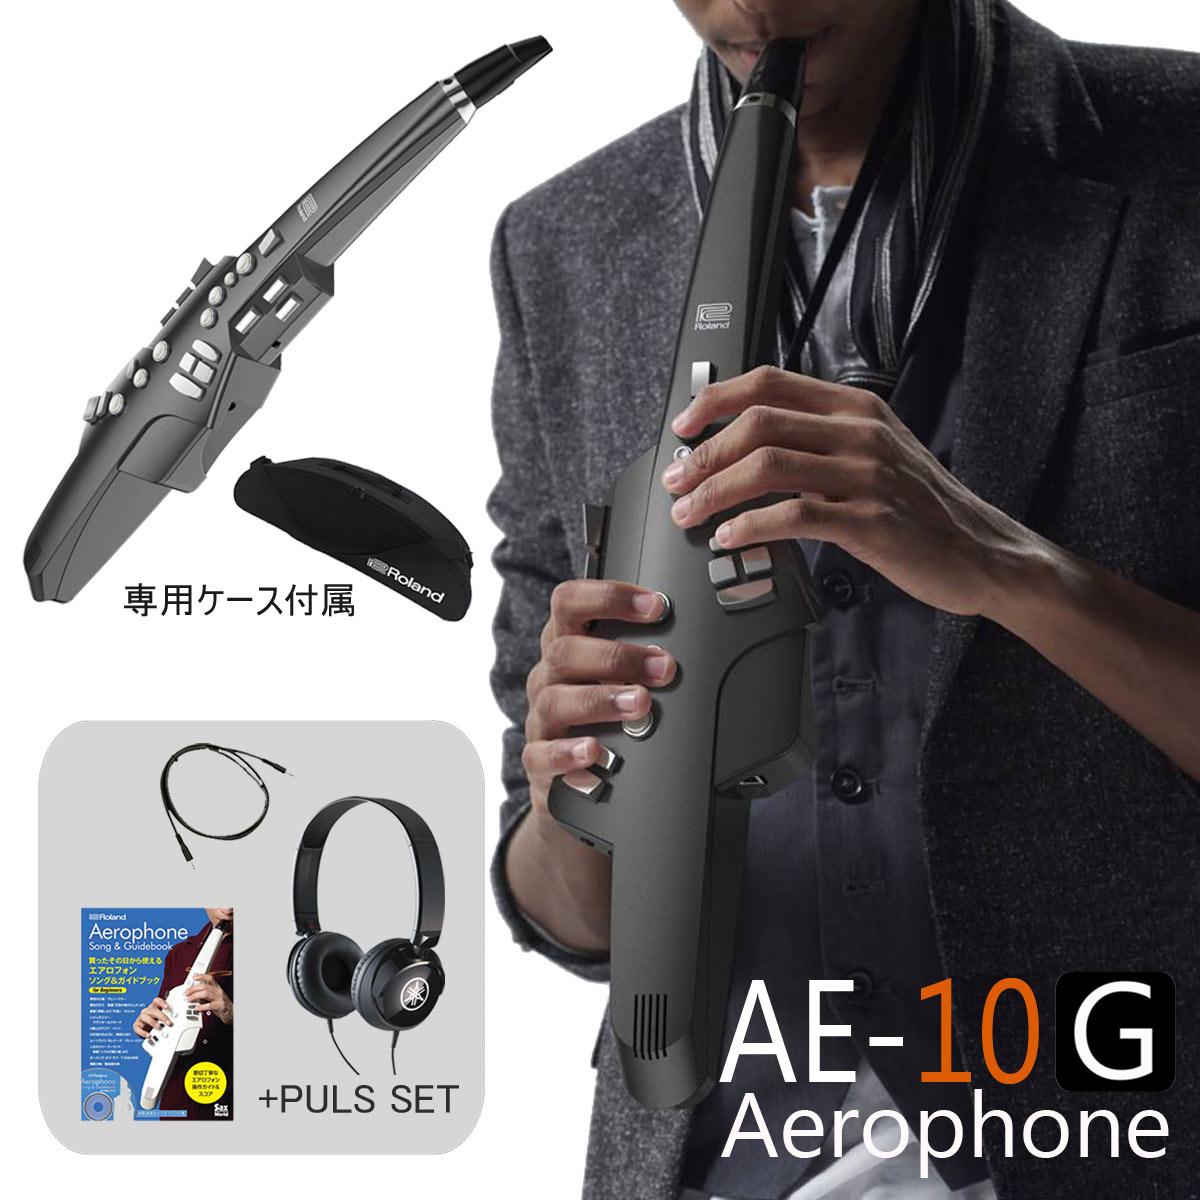 【在庫あり】Roland デジタル管楽器 ローランド/ エアロフォン Aerophone AE-10G/ エアロフォン グラファイトブラック デジタル管楽器【アップグレードサイレント練習セット】【送料無料】【YRK】, 端野町:8534cd0c --- officewill.xsrv.jp